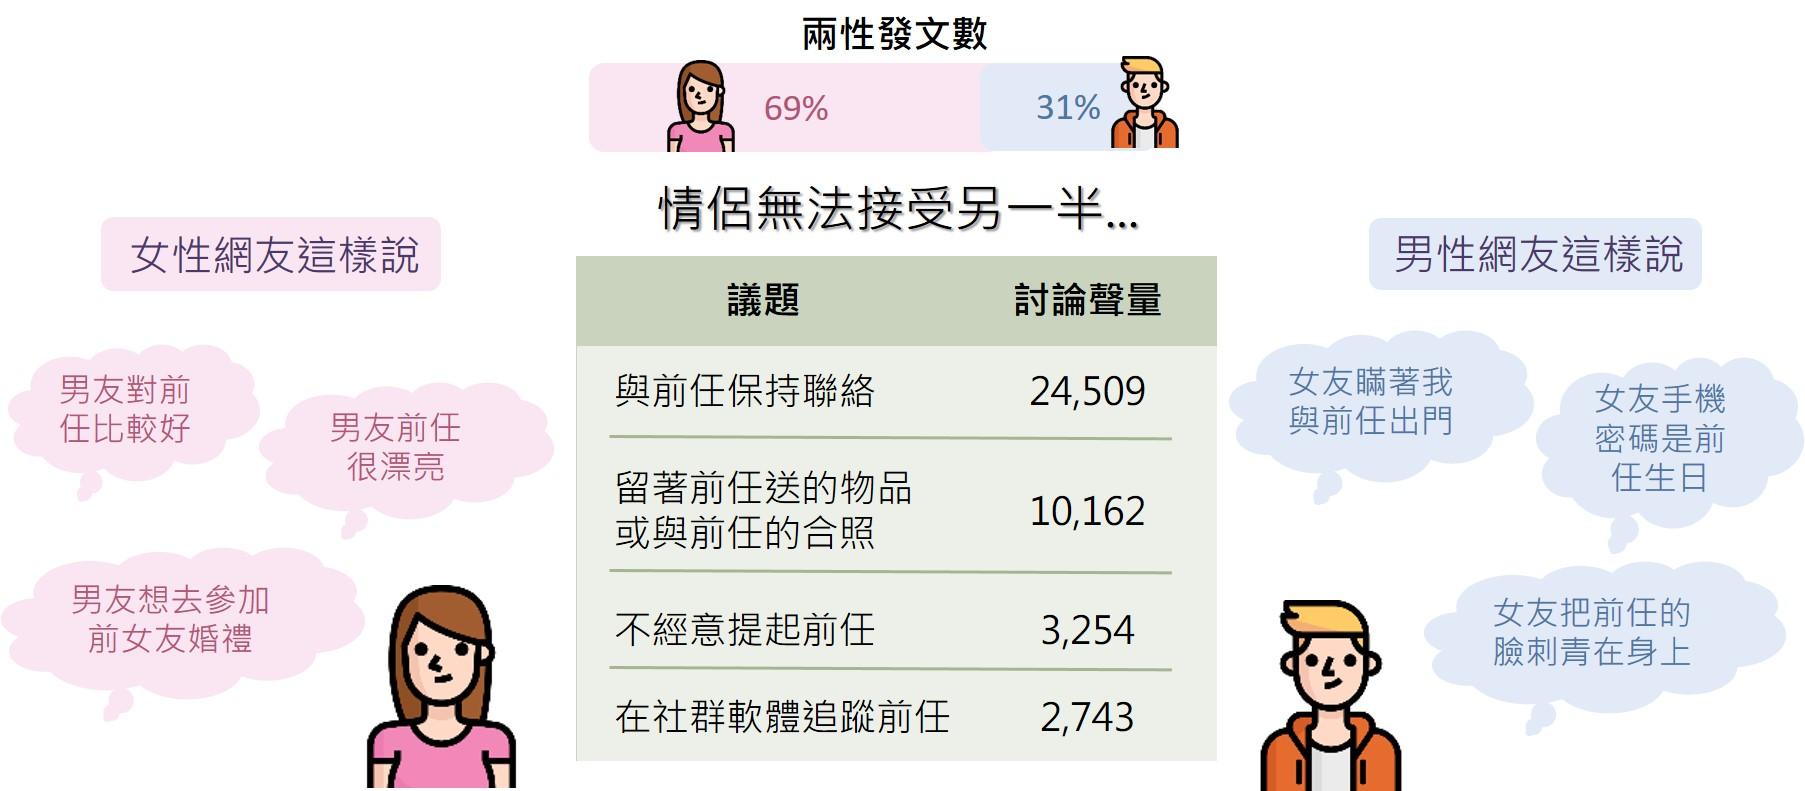 ▲「前任」議題聲量與男女發文比例